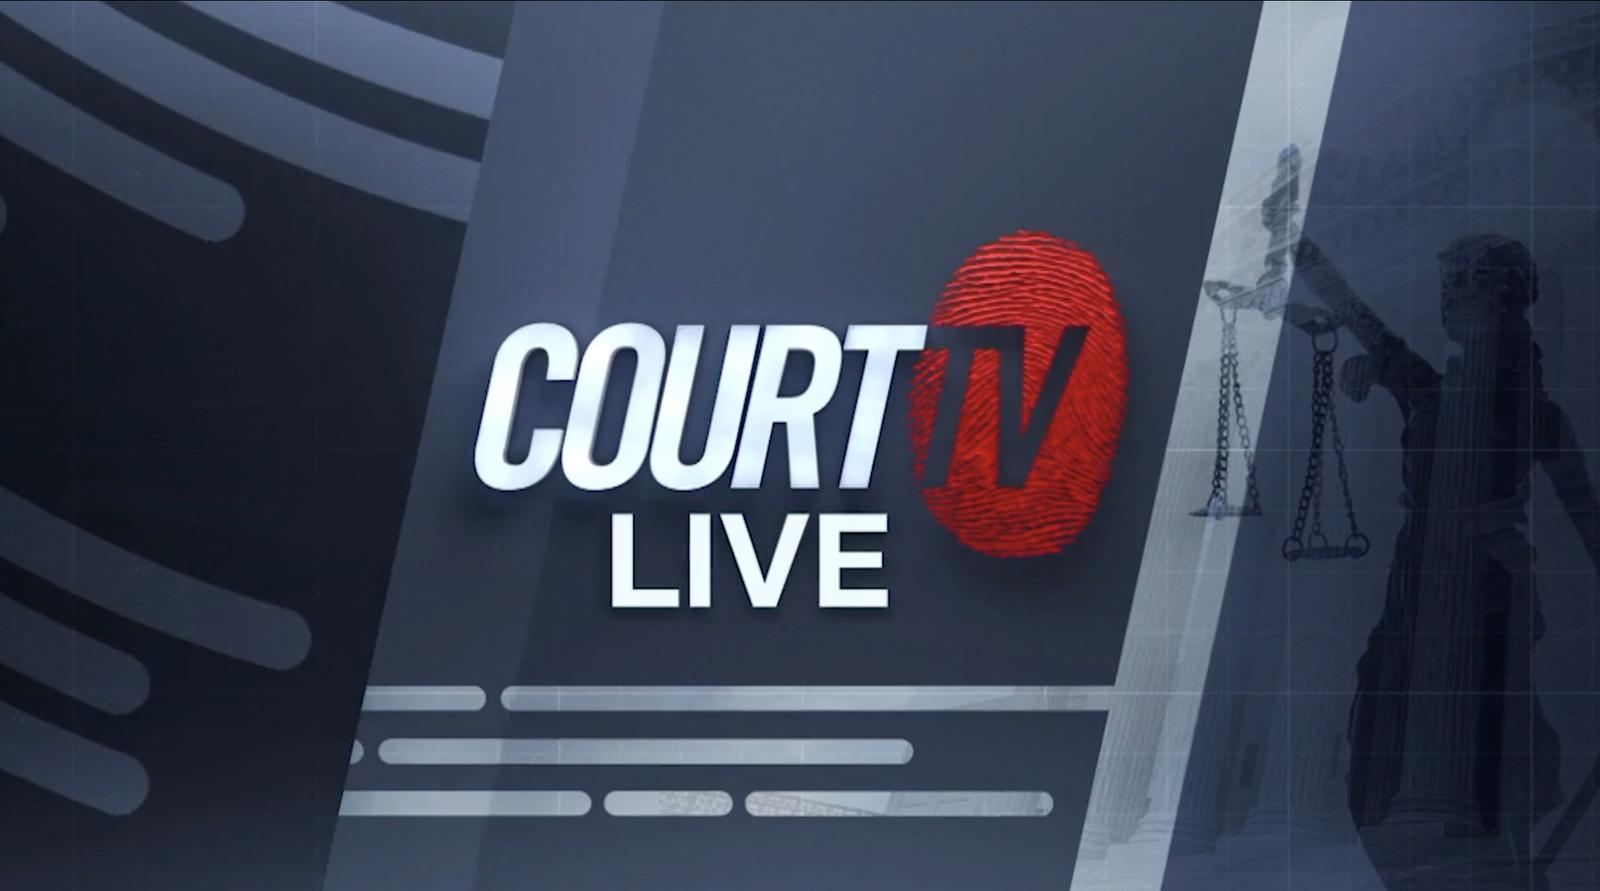 NCS_Court-TV-Branding-Motion-Design_025